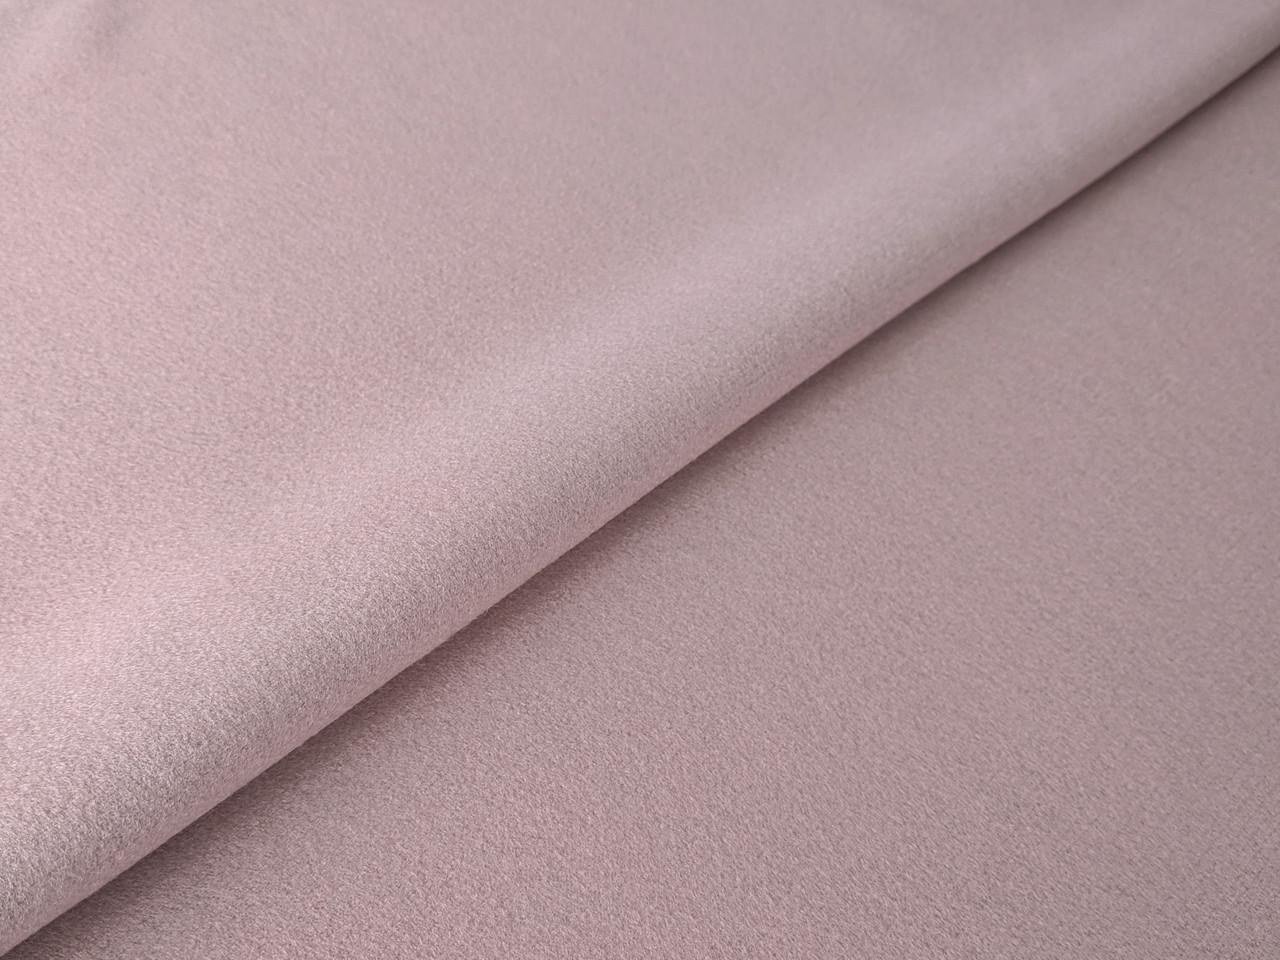 Кашемир трикотажный, бледно-розовый